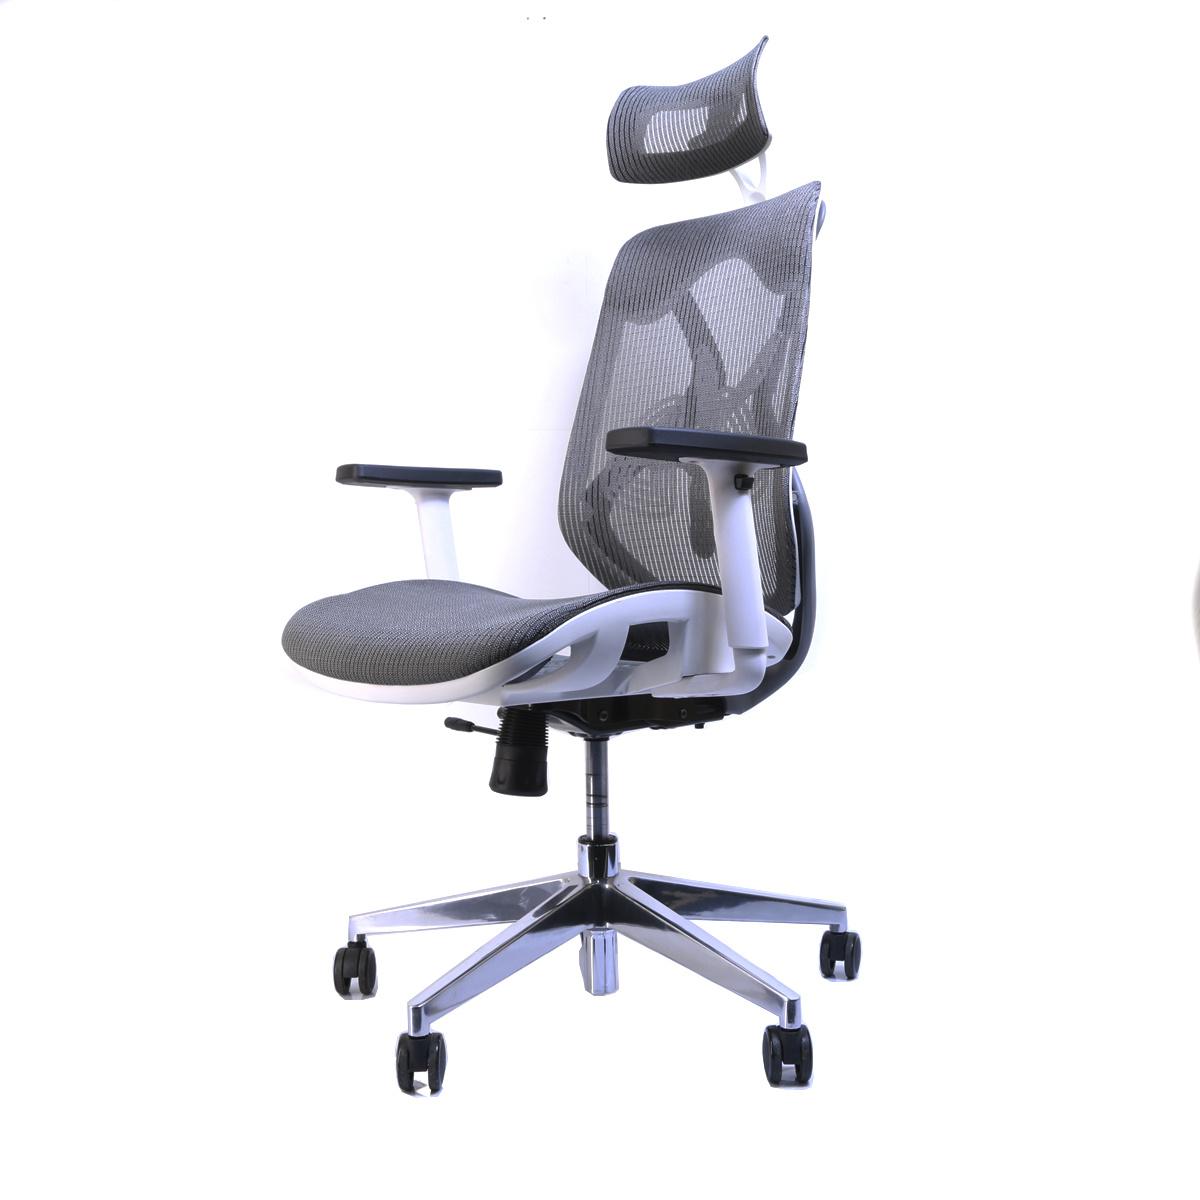 Bureaustoel Wit Design.Ergonomische Bureaustoel Ergo 2 Grijs Wit Deals2day